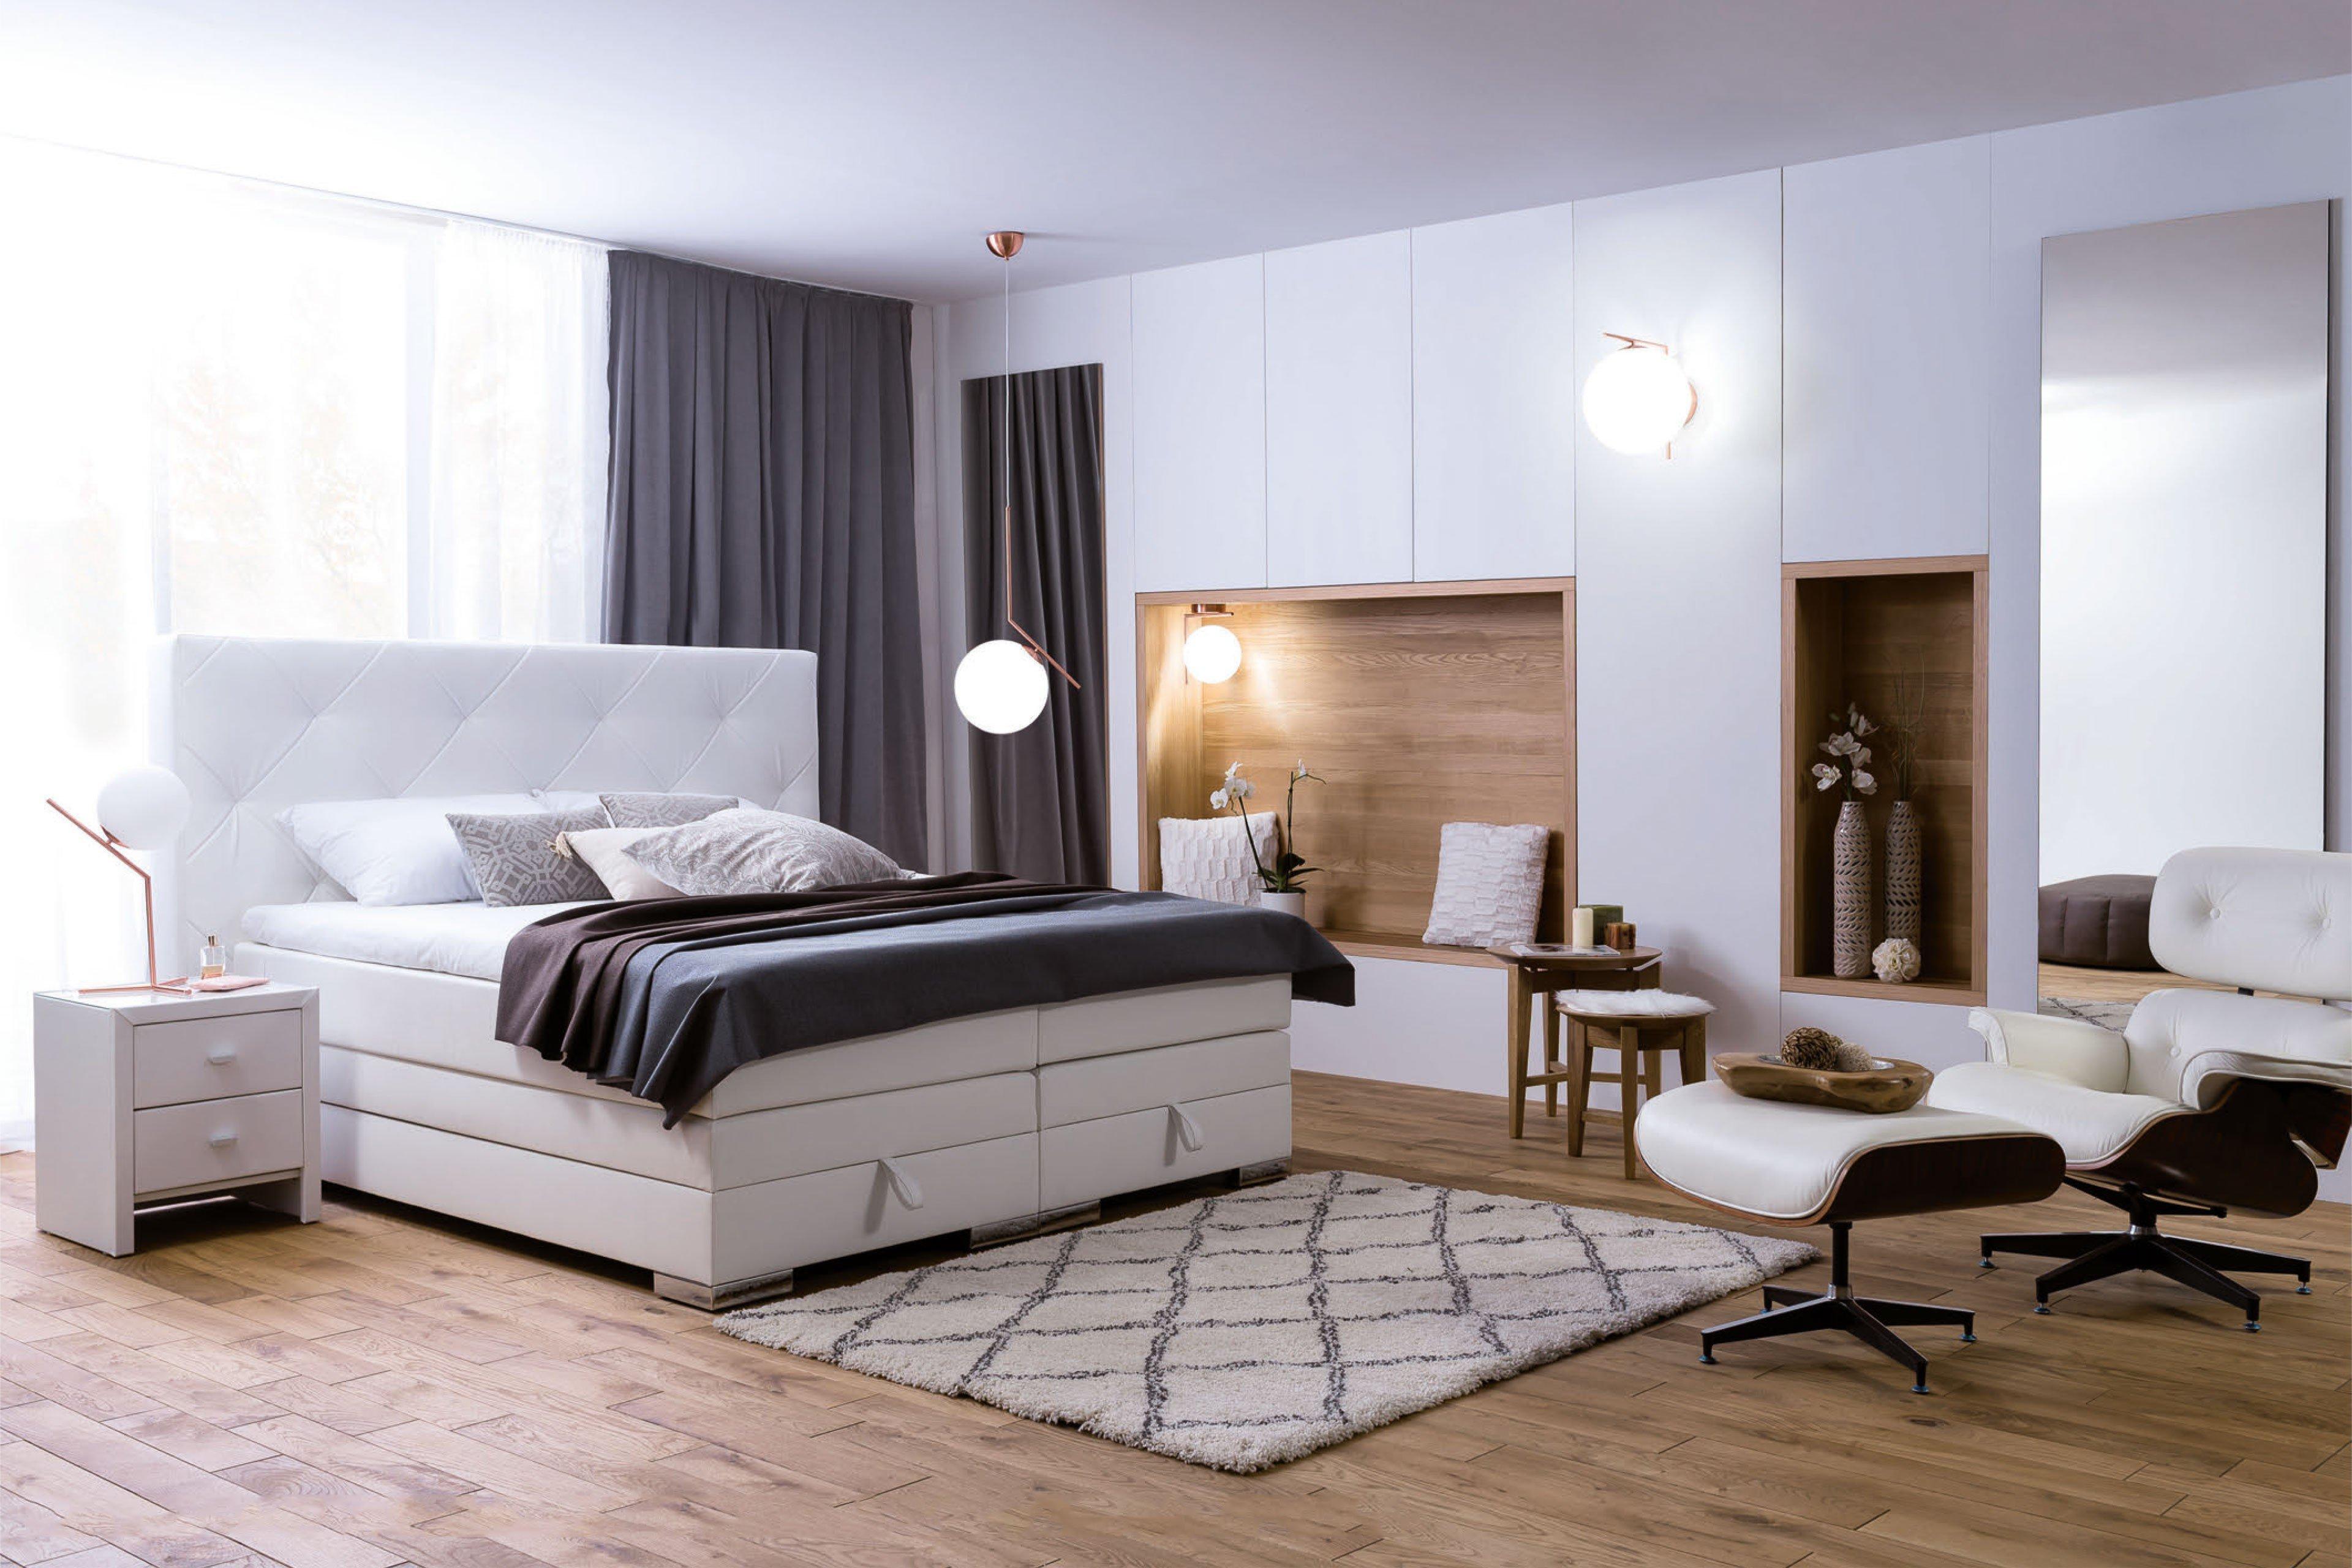 Bs9050 Von Dico Boxspringbett Weiß Mit Bettkasten